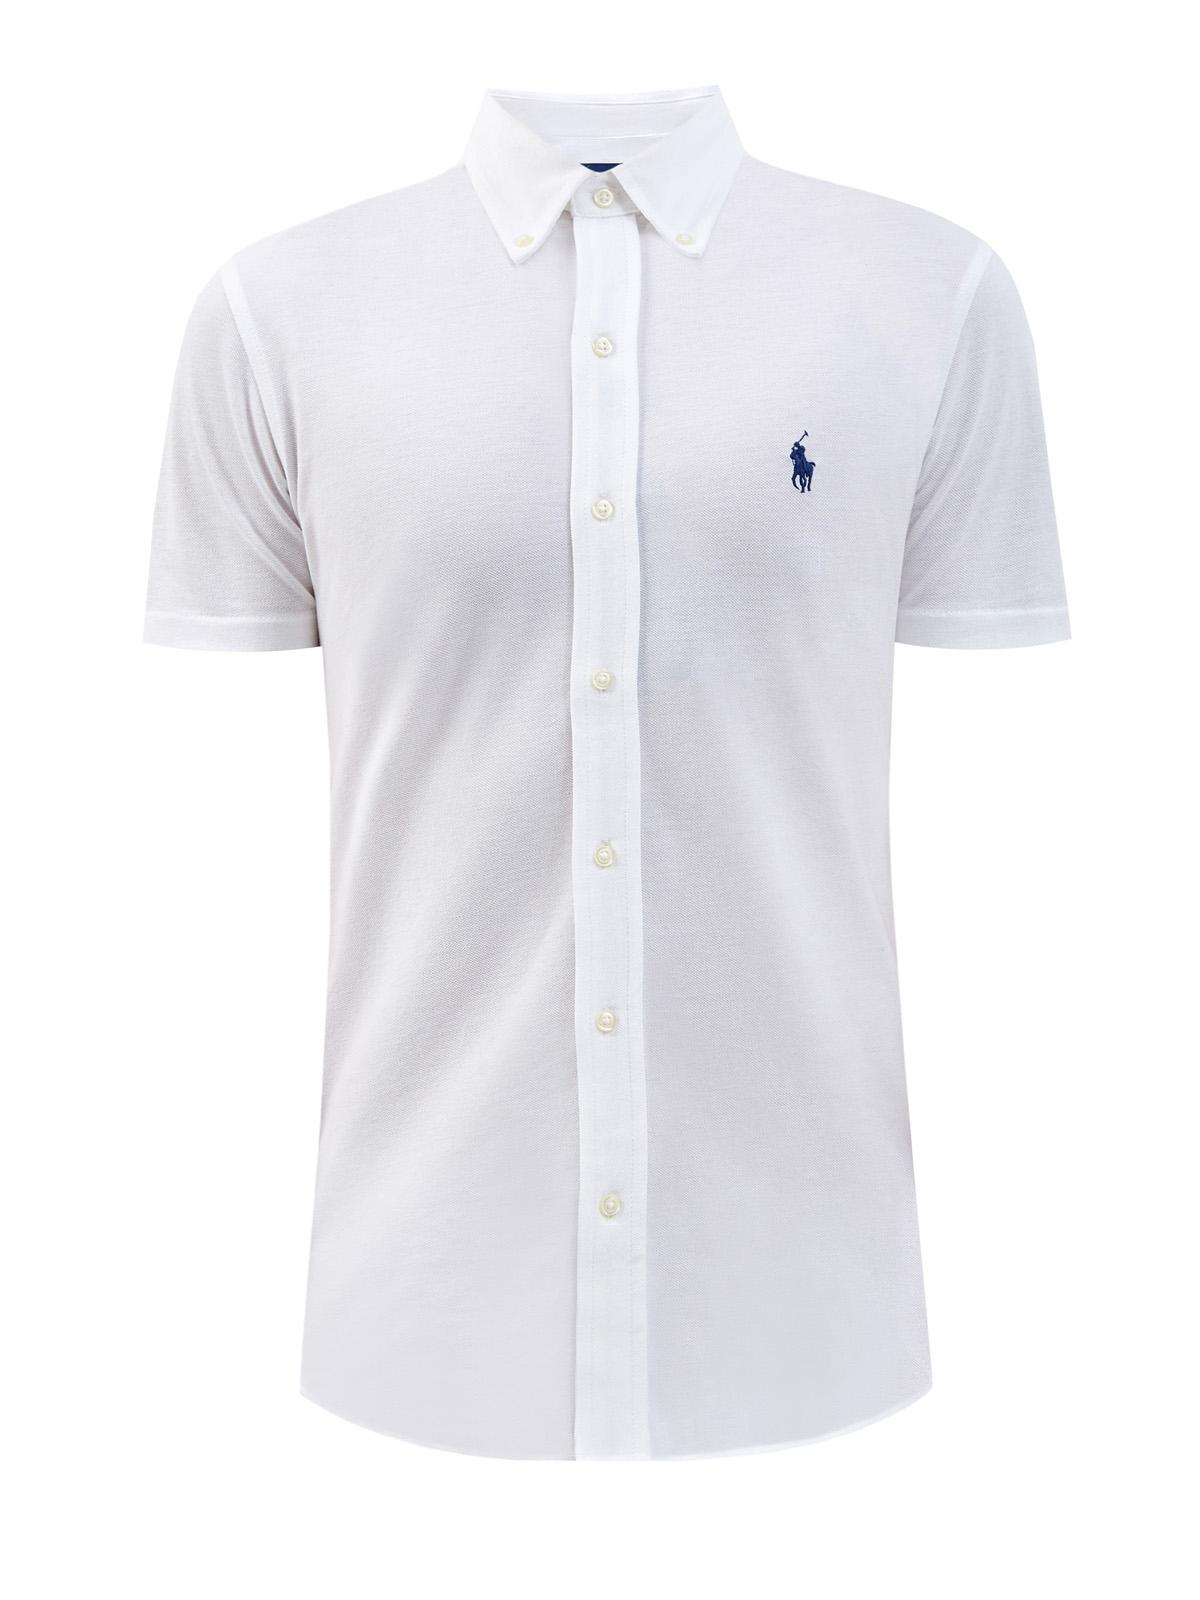 Белая рубашка с короткими рукавами из дышащего хлопка